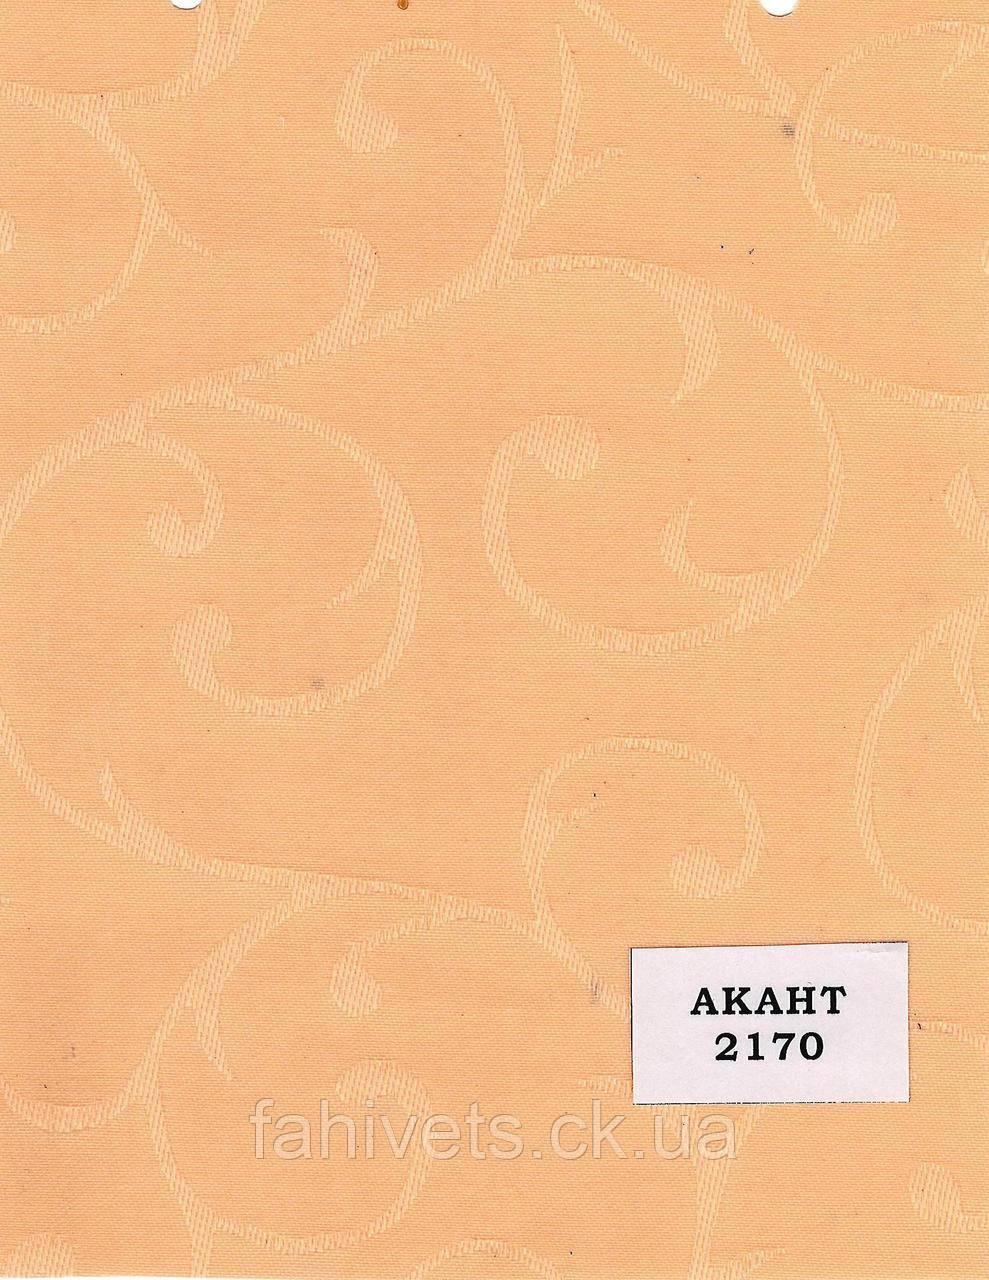 Рулонні штори відкритого типу Акант (м.кв.) 2170